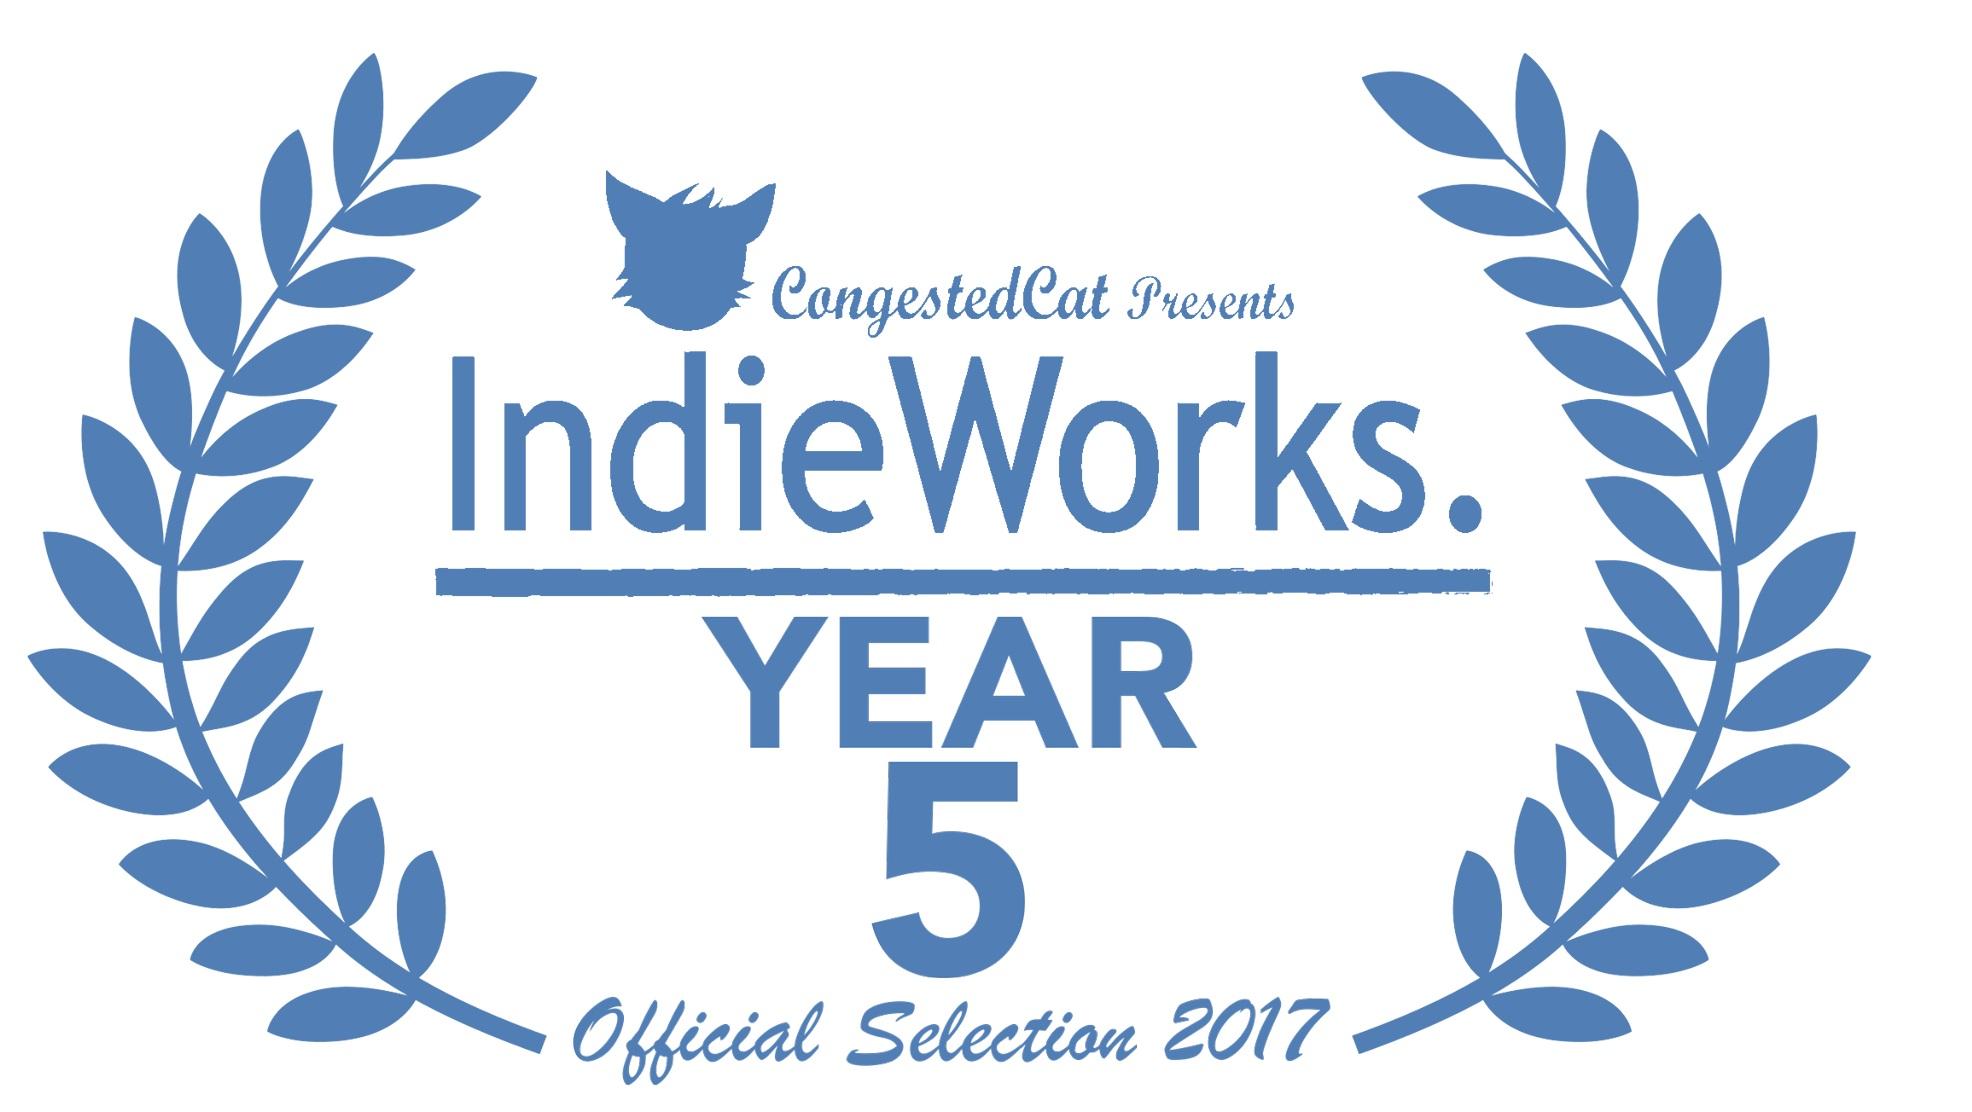 IndieWorksLaurels2.jpg